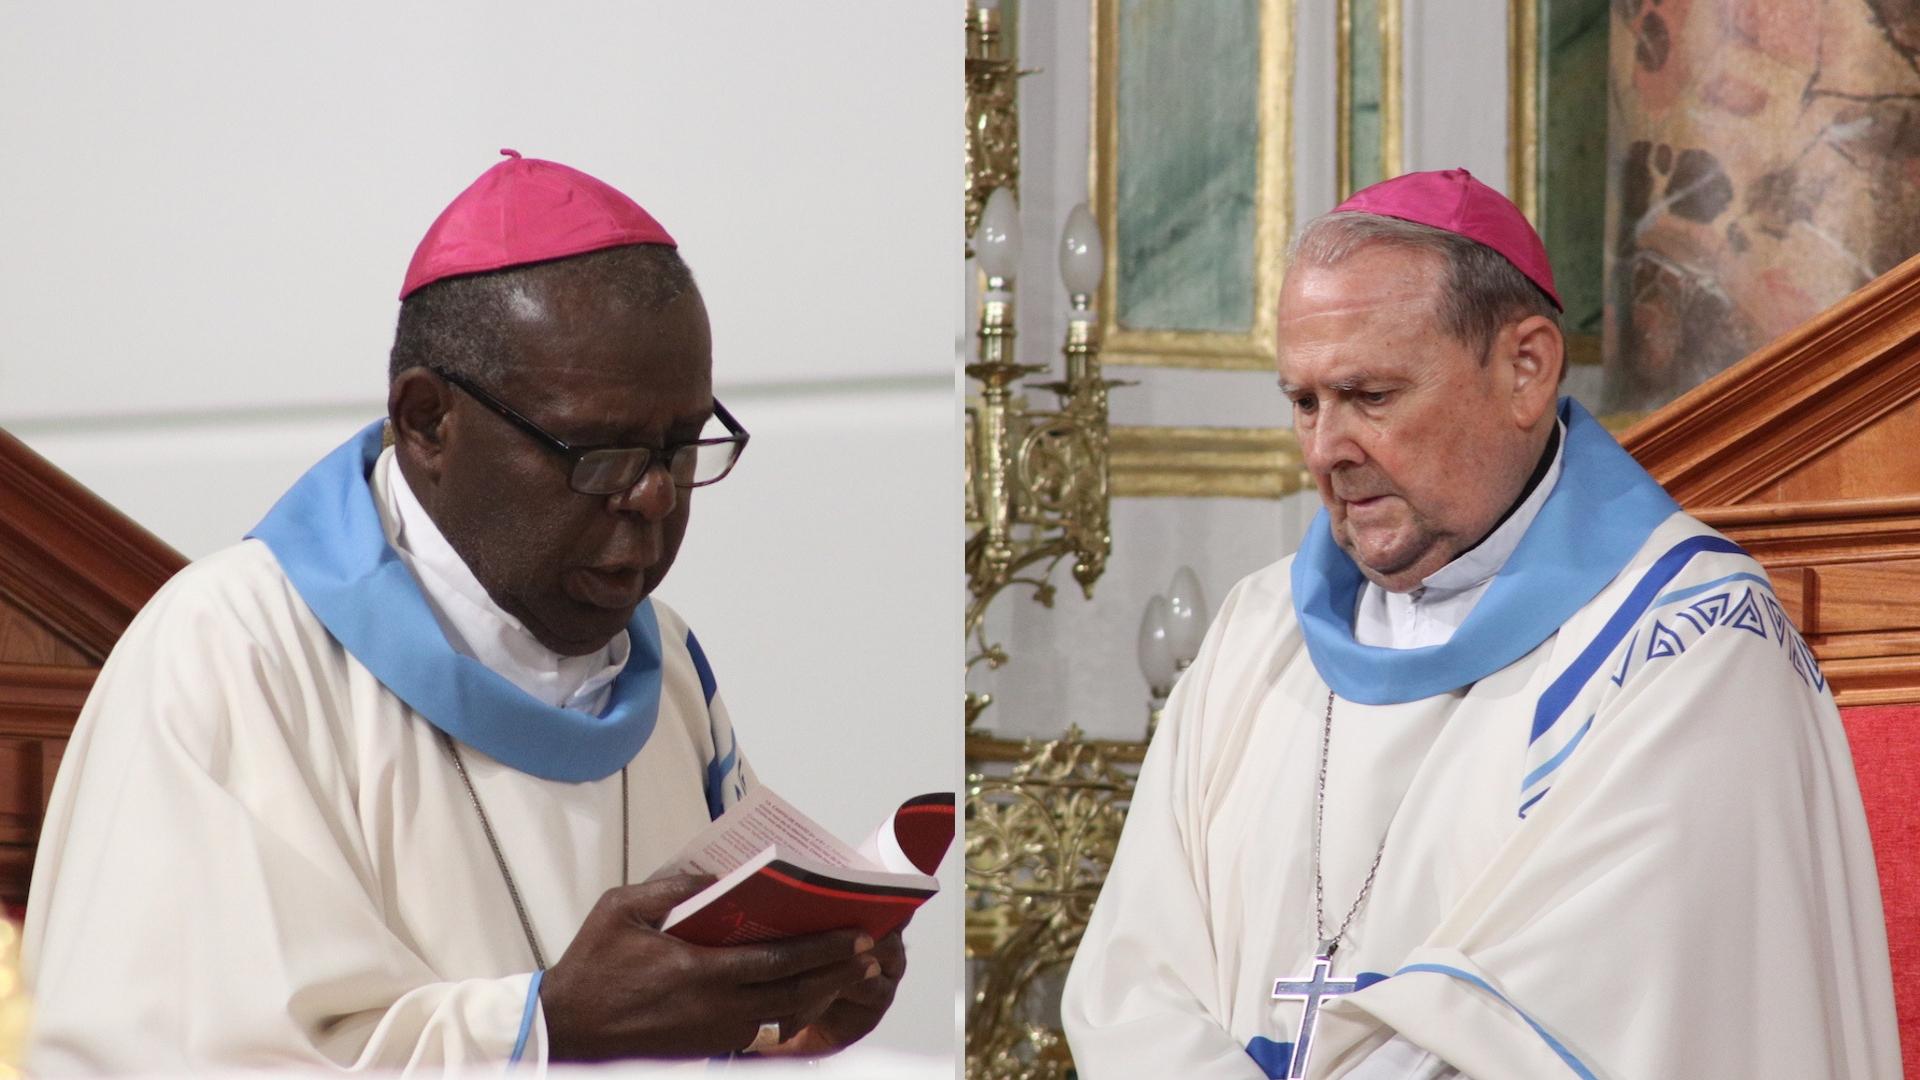 Gracias a obispos auxiliares eméritos: Mons. Pablo y Mons. Uriah